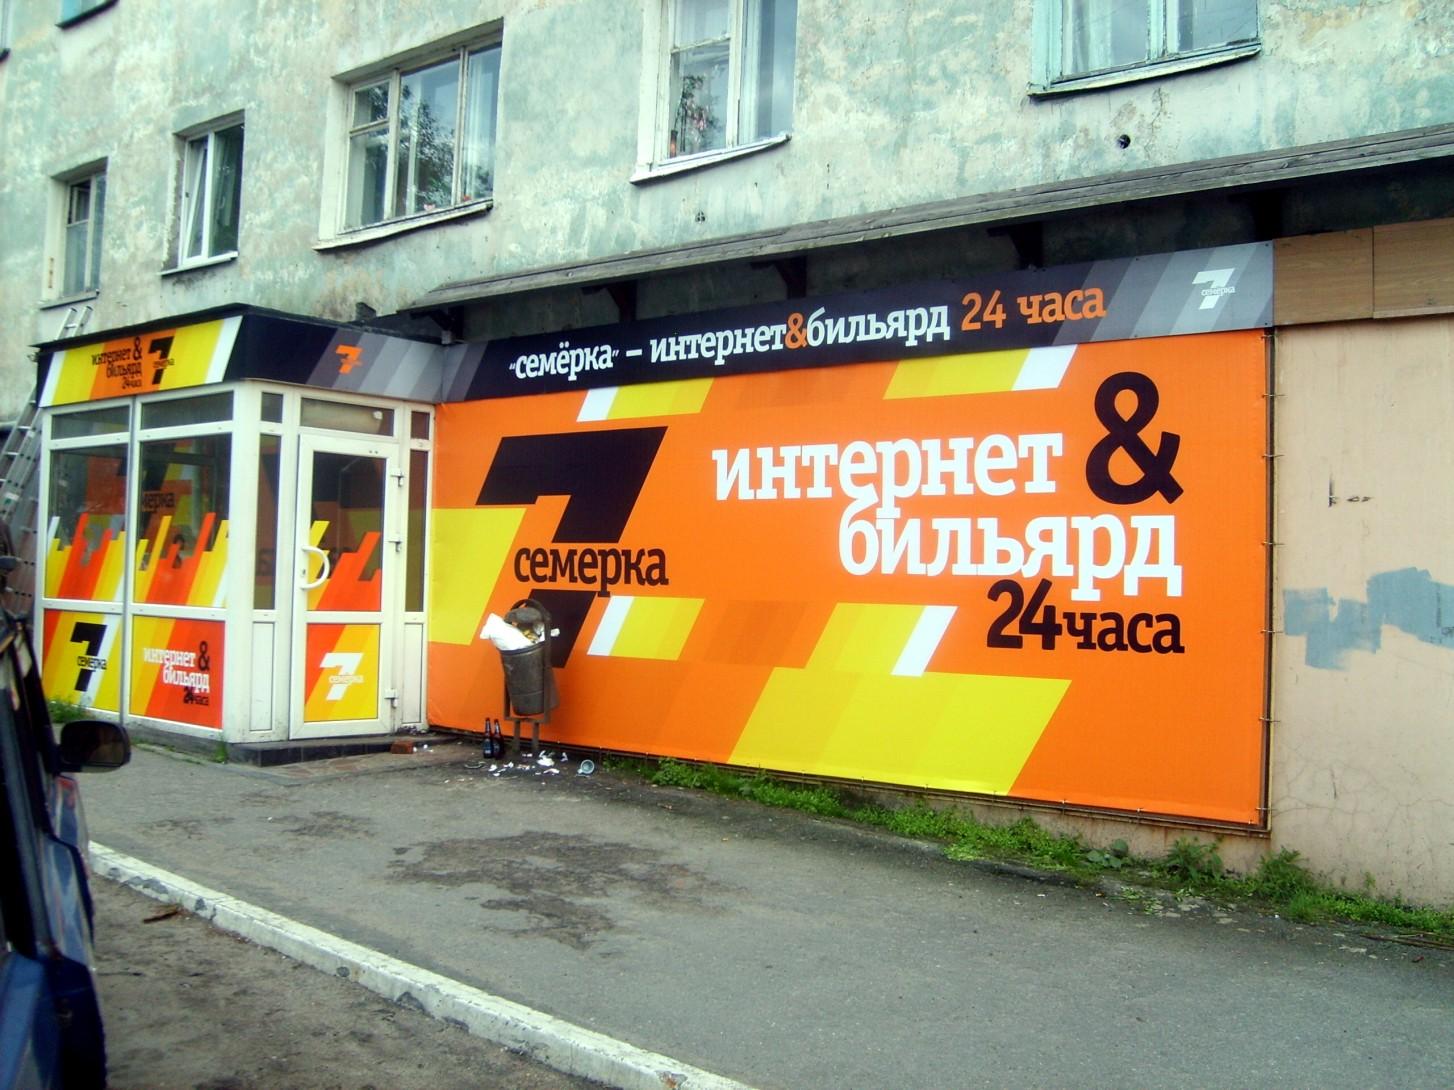 Интернет кафе реклама план для диплома на тему маркетинг в розничной сети